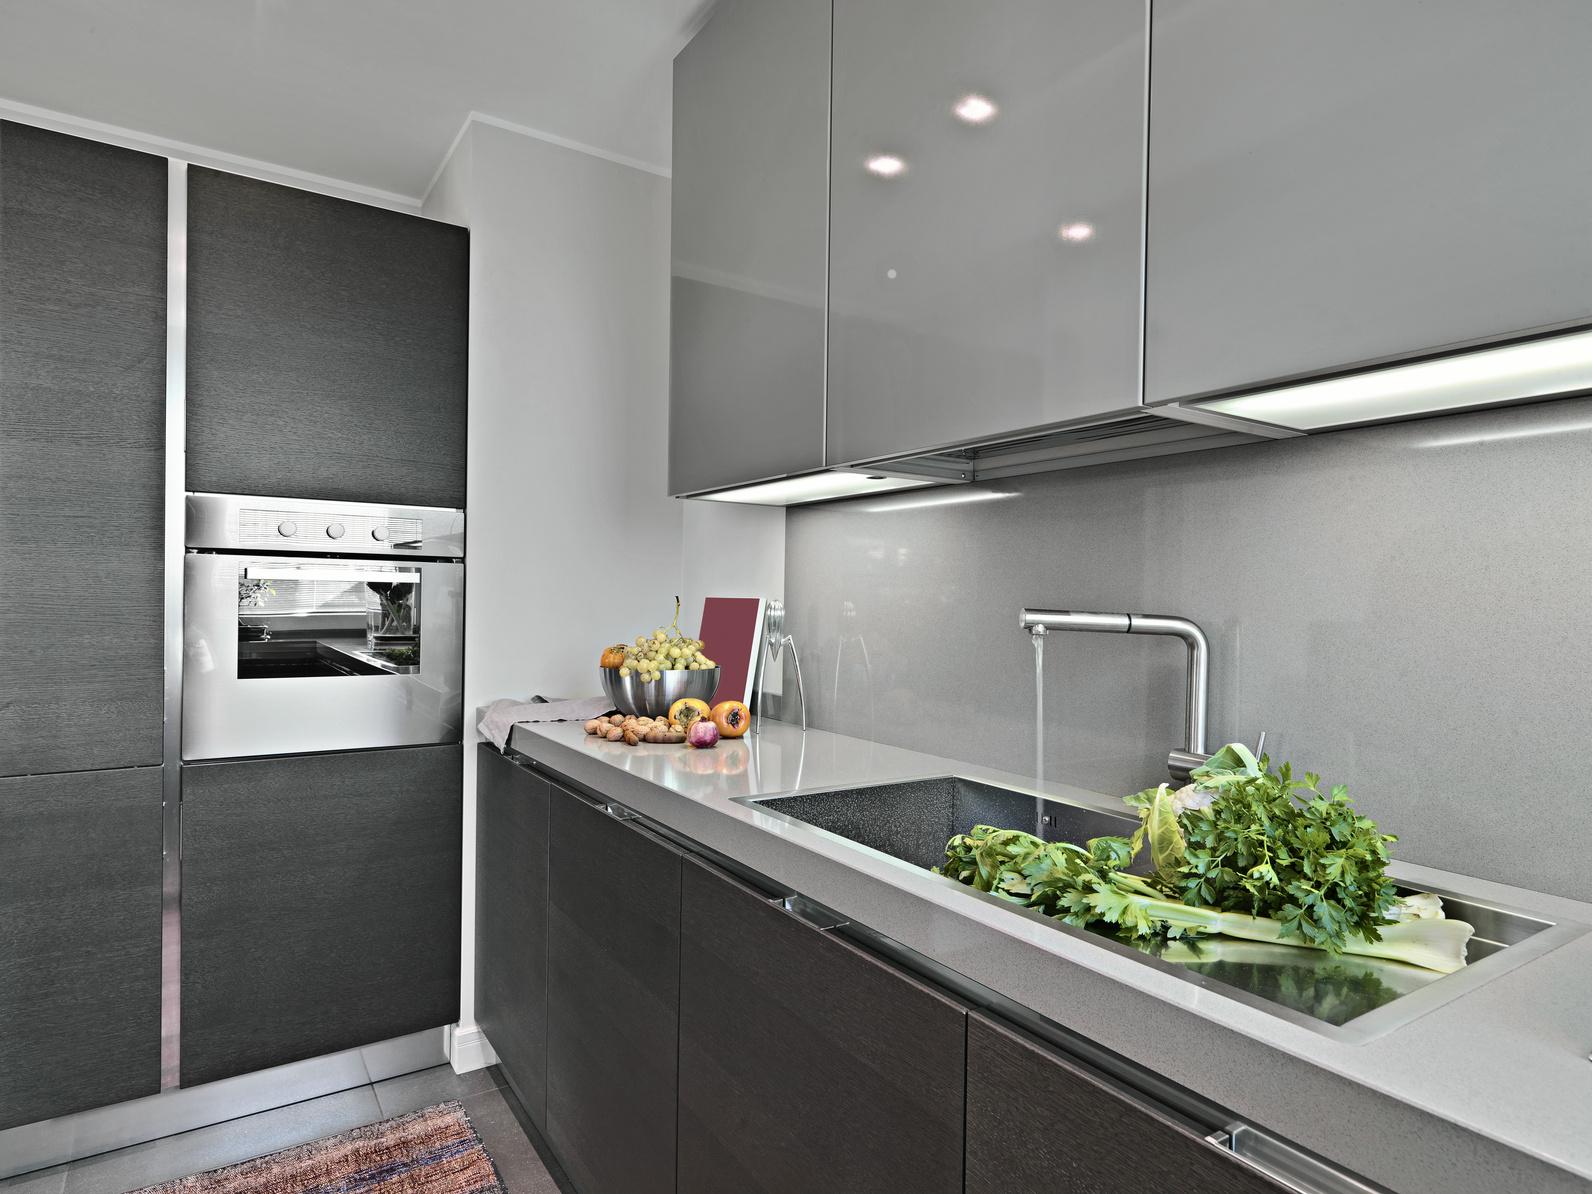 Full Size of Edelstahl Küchen Moderne Edelstahlkche Garten Edelstahlküche Outdoor Küche Regal Gebraucht Wohnzimmer Edelstahl Küchen